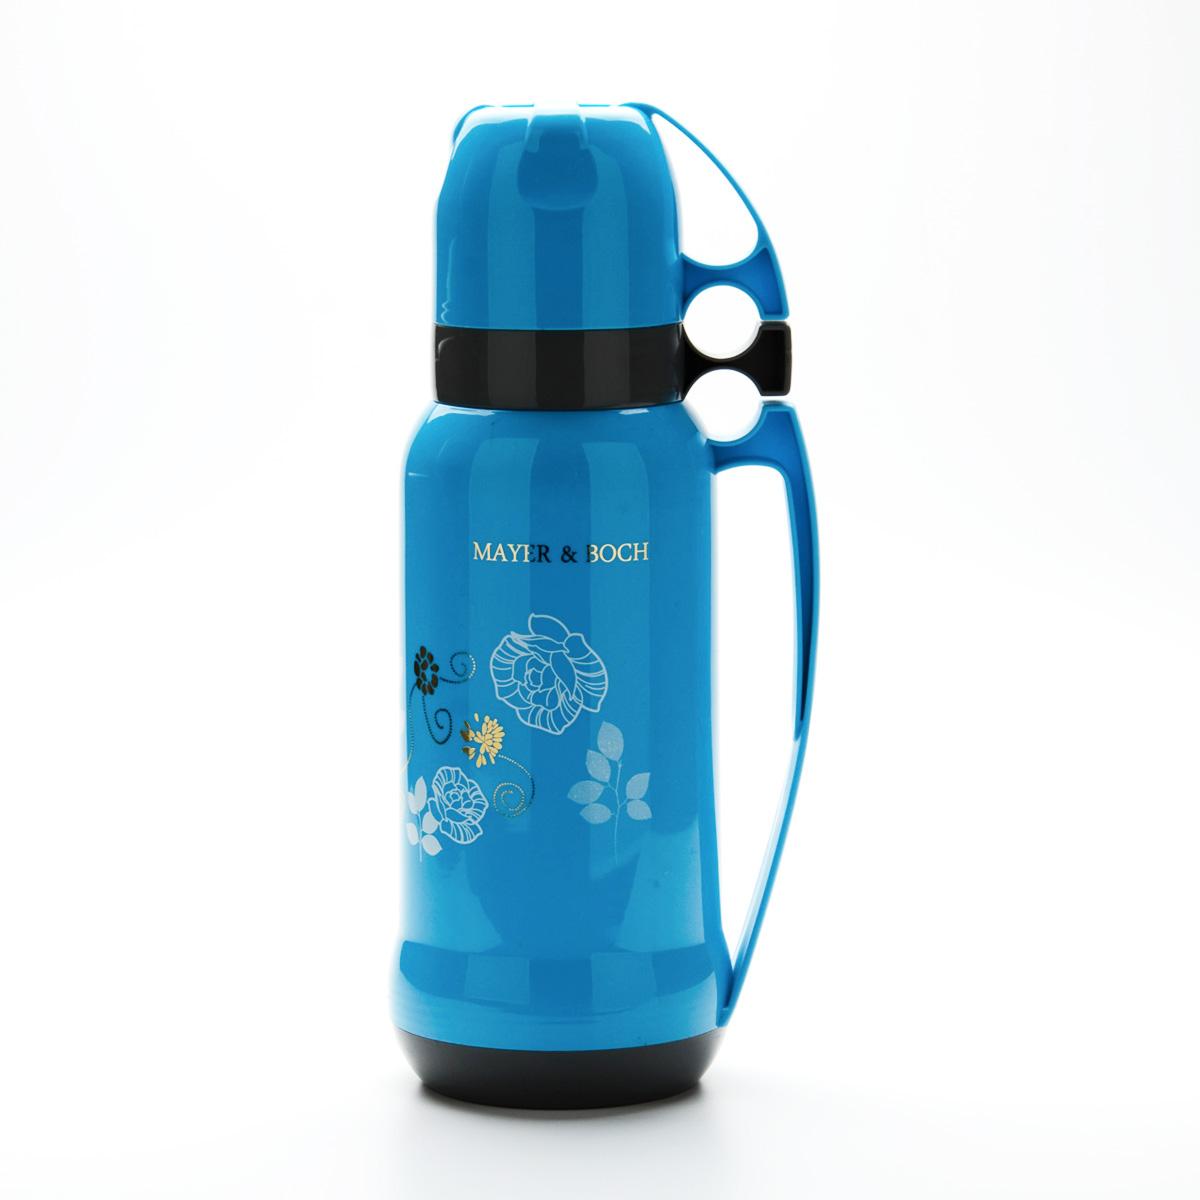 Термос Mayer & Boch, цвет: голубой, 1,8 л21649Пищевой термос с узким горлом Mayer & Boch изготовлен из высококачественного пластика и алюминия и декорирован цветочным рисунком. Термос предназначен для хранения горячих и холодных напитков и укомплектован откручивающейся пробкой без кнопки. Такая пробка надежна, проста в использовании и позволяет дольше сохранять тепло благодаря дополнительной теплоизоляции. Изделие также оснащено крышкой-чашкой, дополнительной чашкой и пластиковой ручкой для удобной переноски термоса. Термос отлично подходит для использования дома, в школе, на природе, в походах и т.д. Легкий и прочный термос Mayer & Boch сохранит ваши напитки горячими или холодными надолго. Высота (с учетом крышки): 38 см.Диаметр горлышка: 5,5 см.Диаметр основания: 10,5 см.